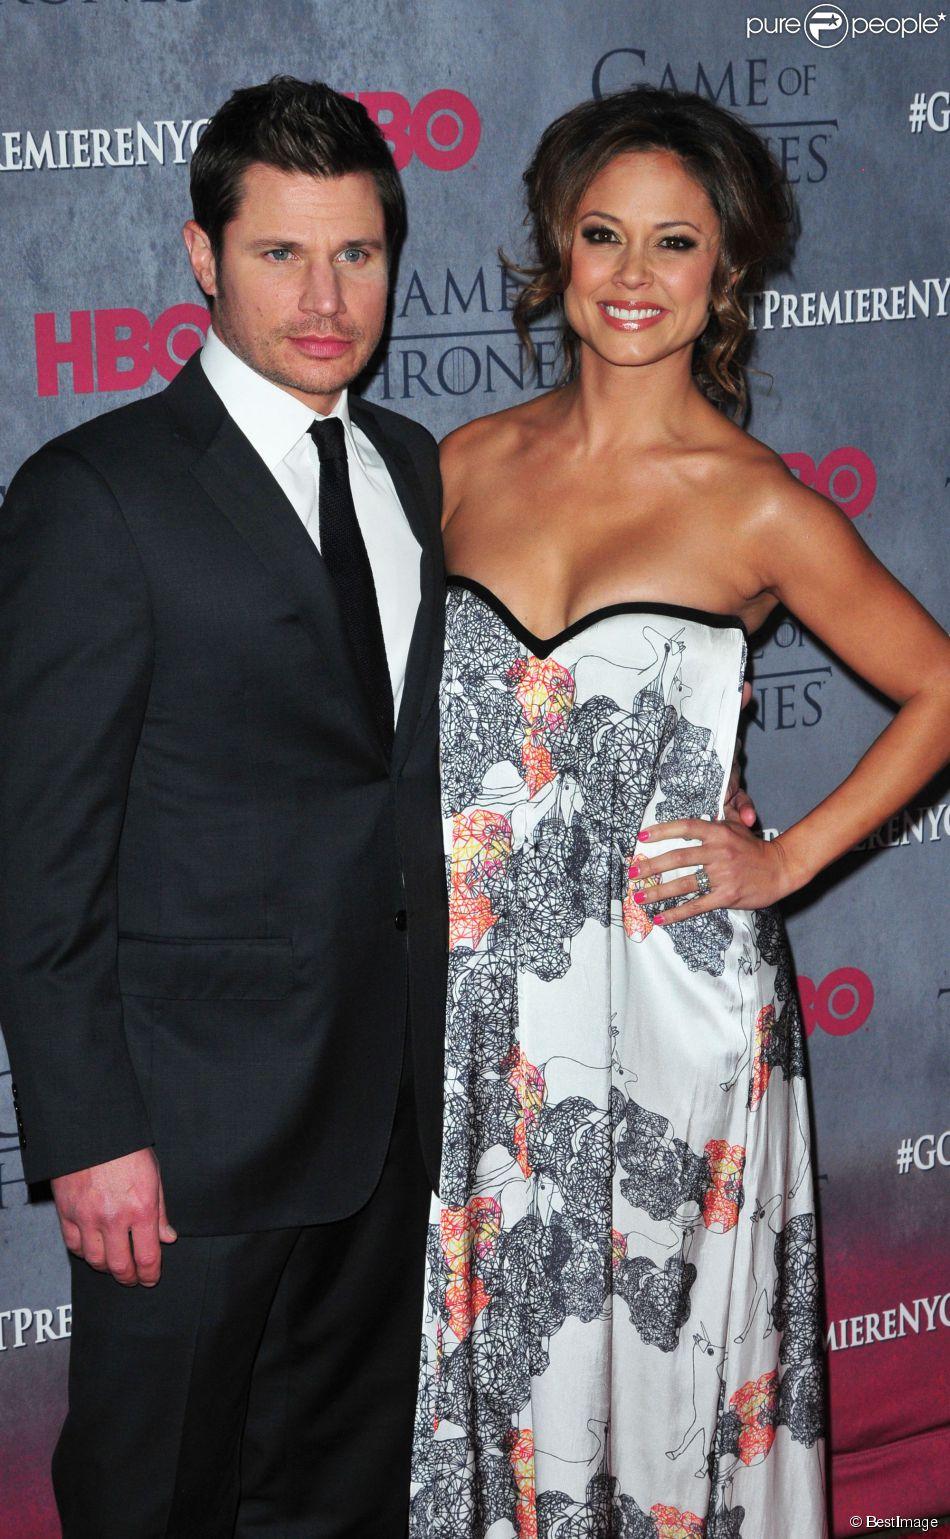 """Vanessa Minnillo et son mari Nick Lachey lors de la Présentation de la saison 4 de la série """"Game of Thrones"""" à New York, le 19 mars 2014."""